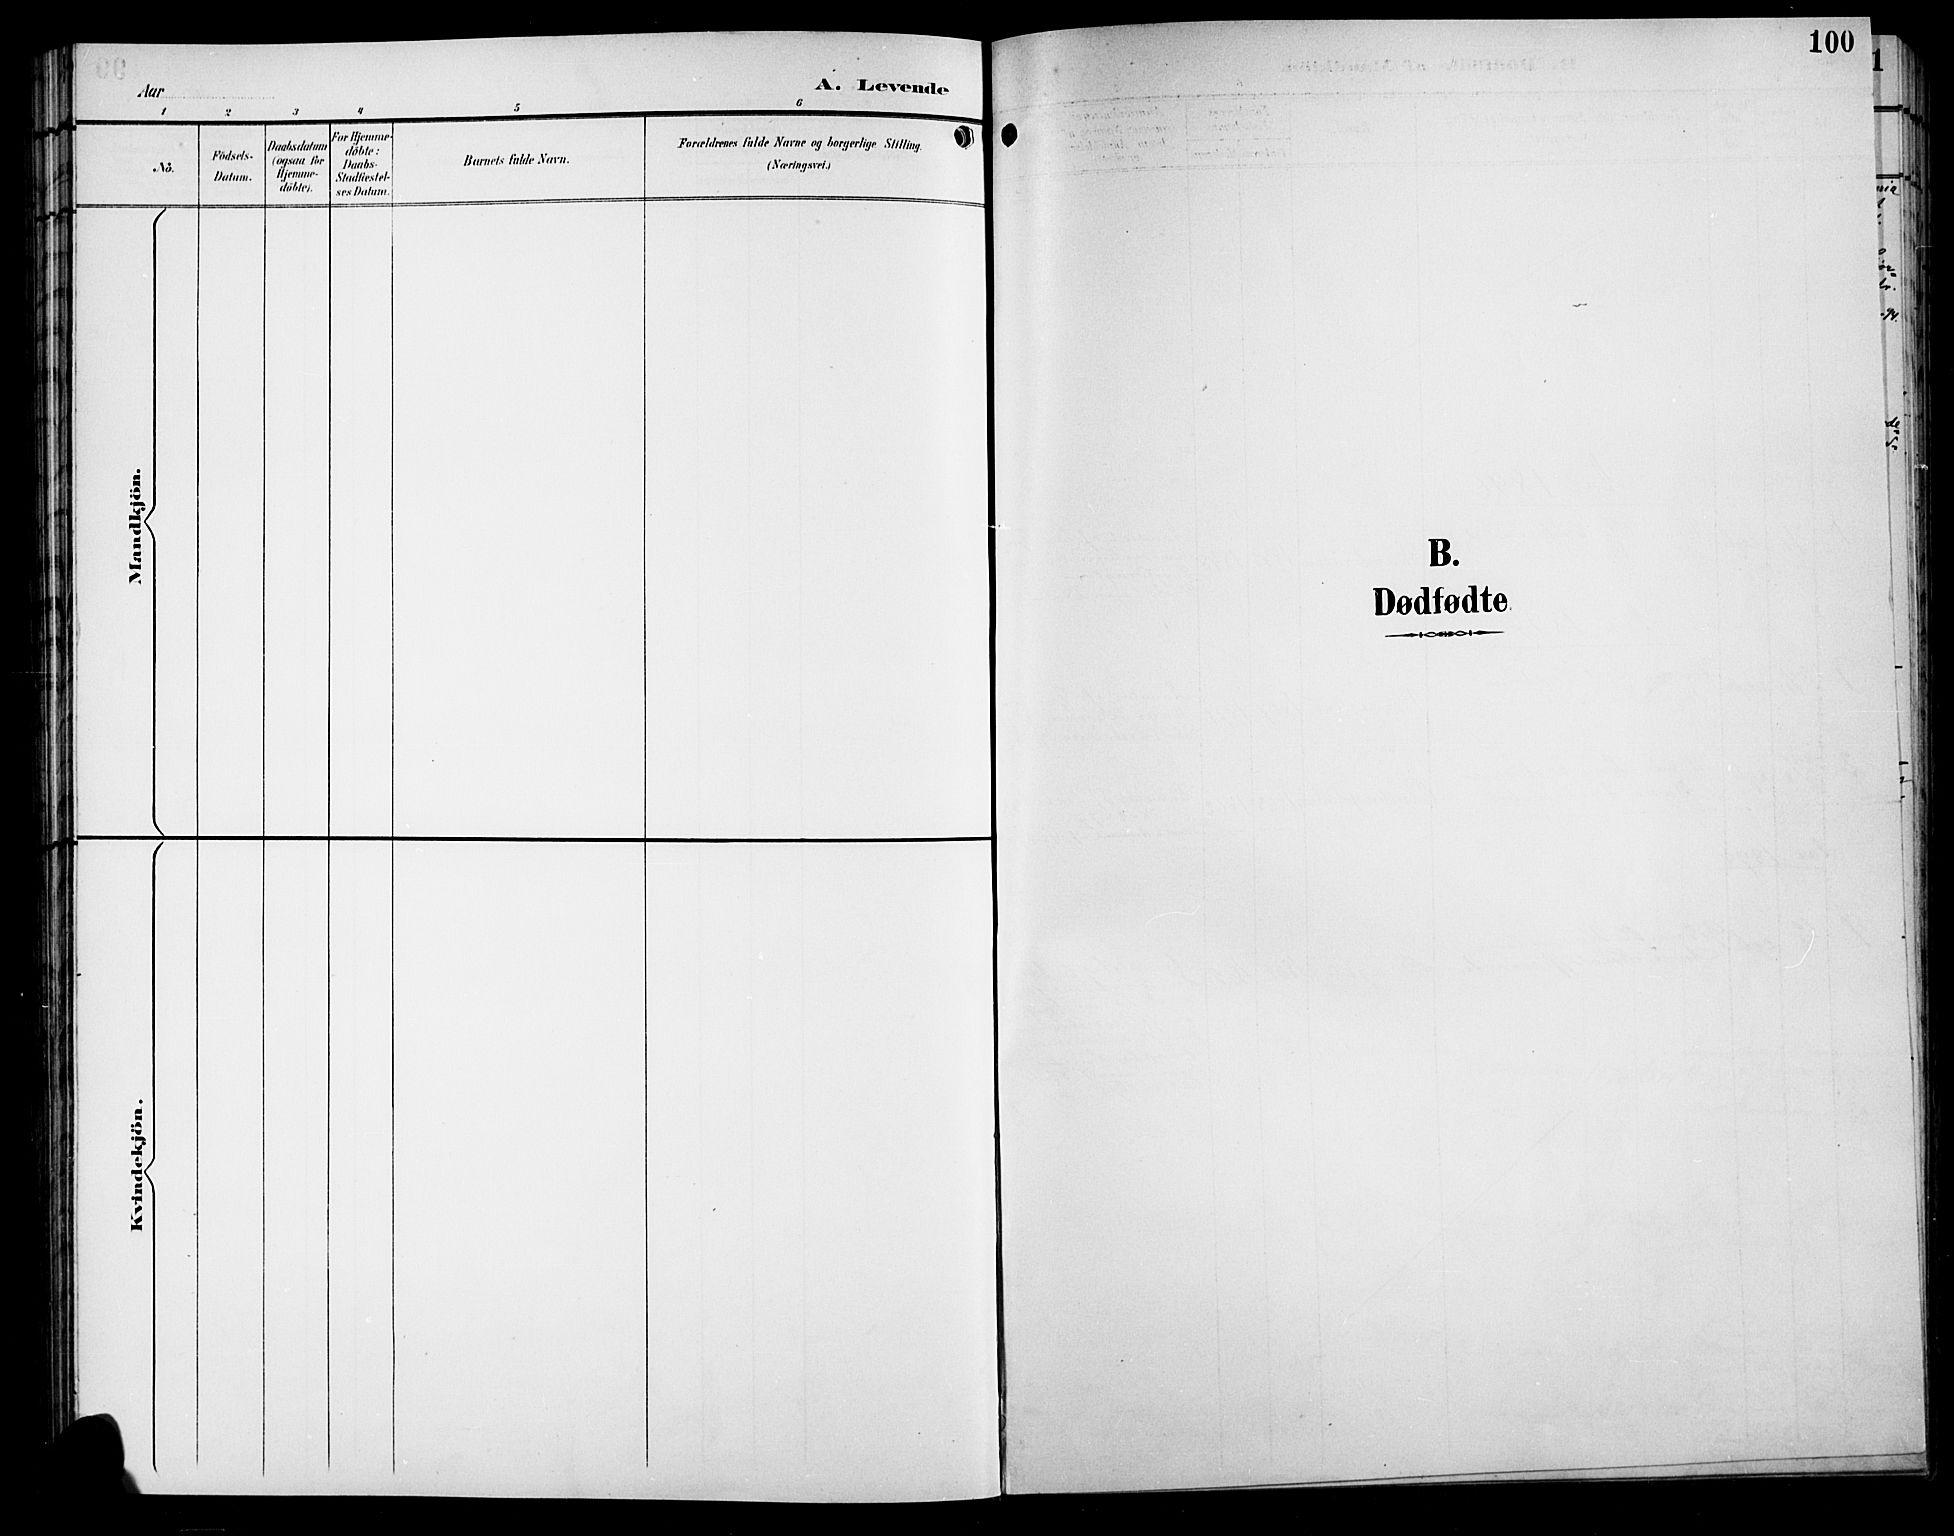 SAH, Sør-Aurdal prestekontor, Klokkerbok nr. 9, 1894-1924, s. 100